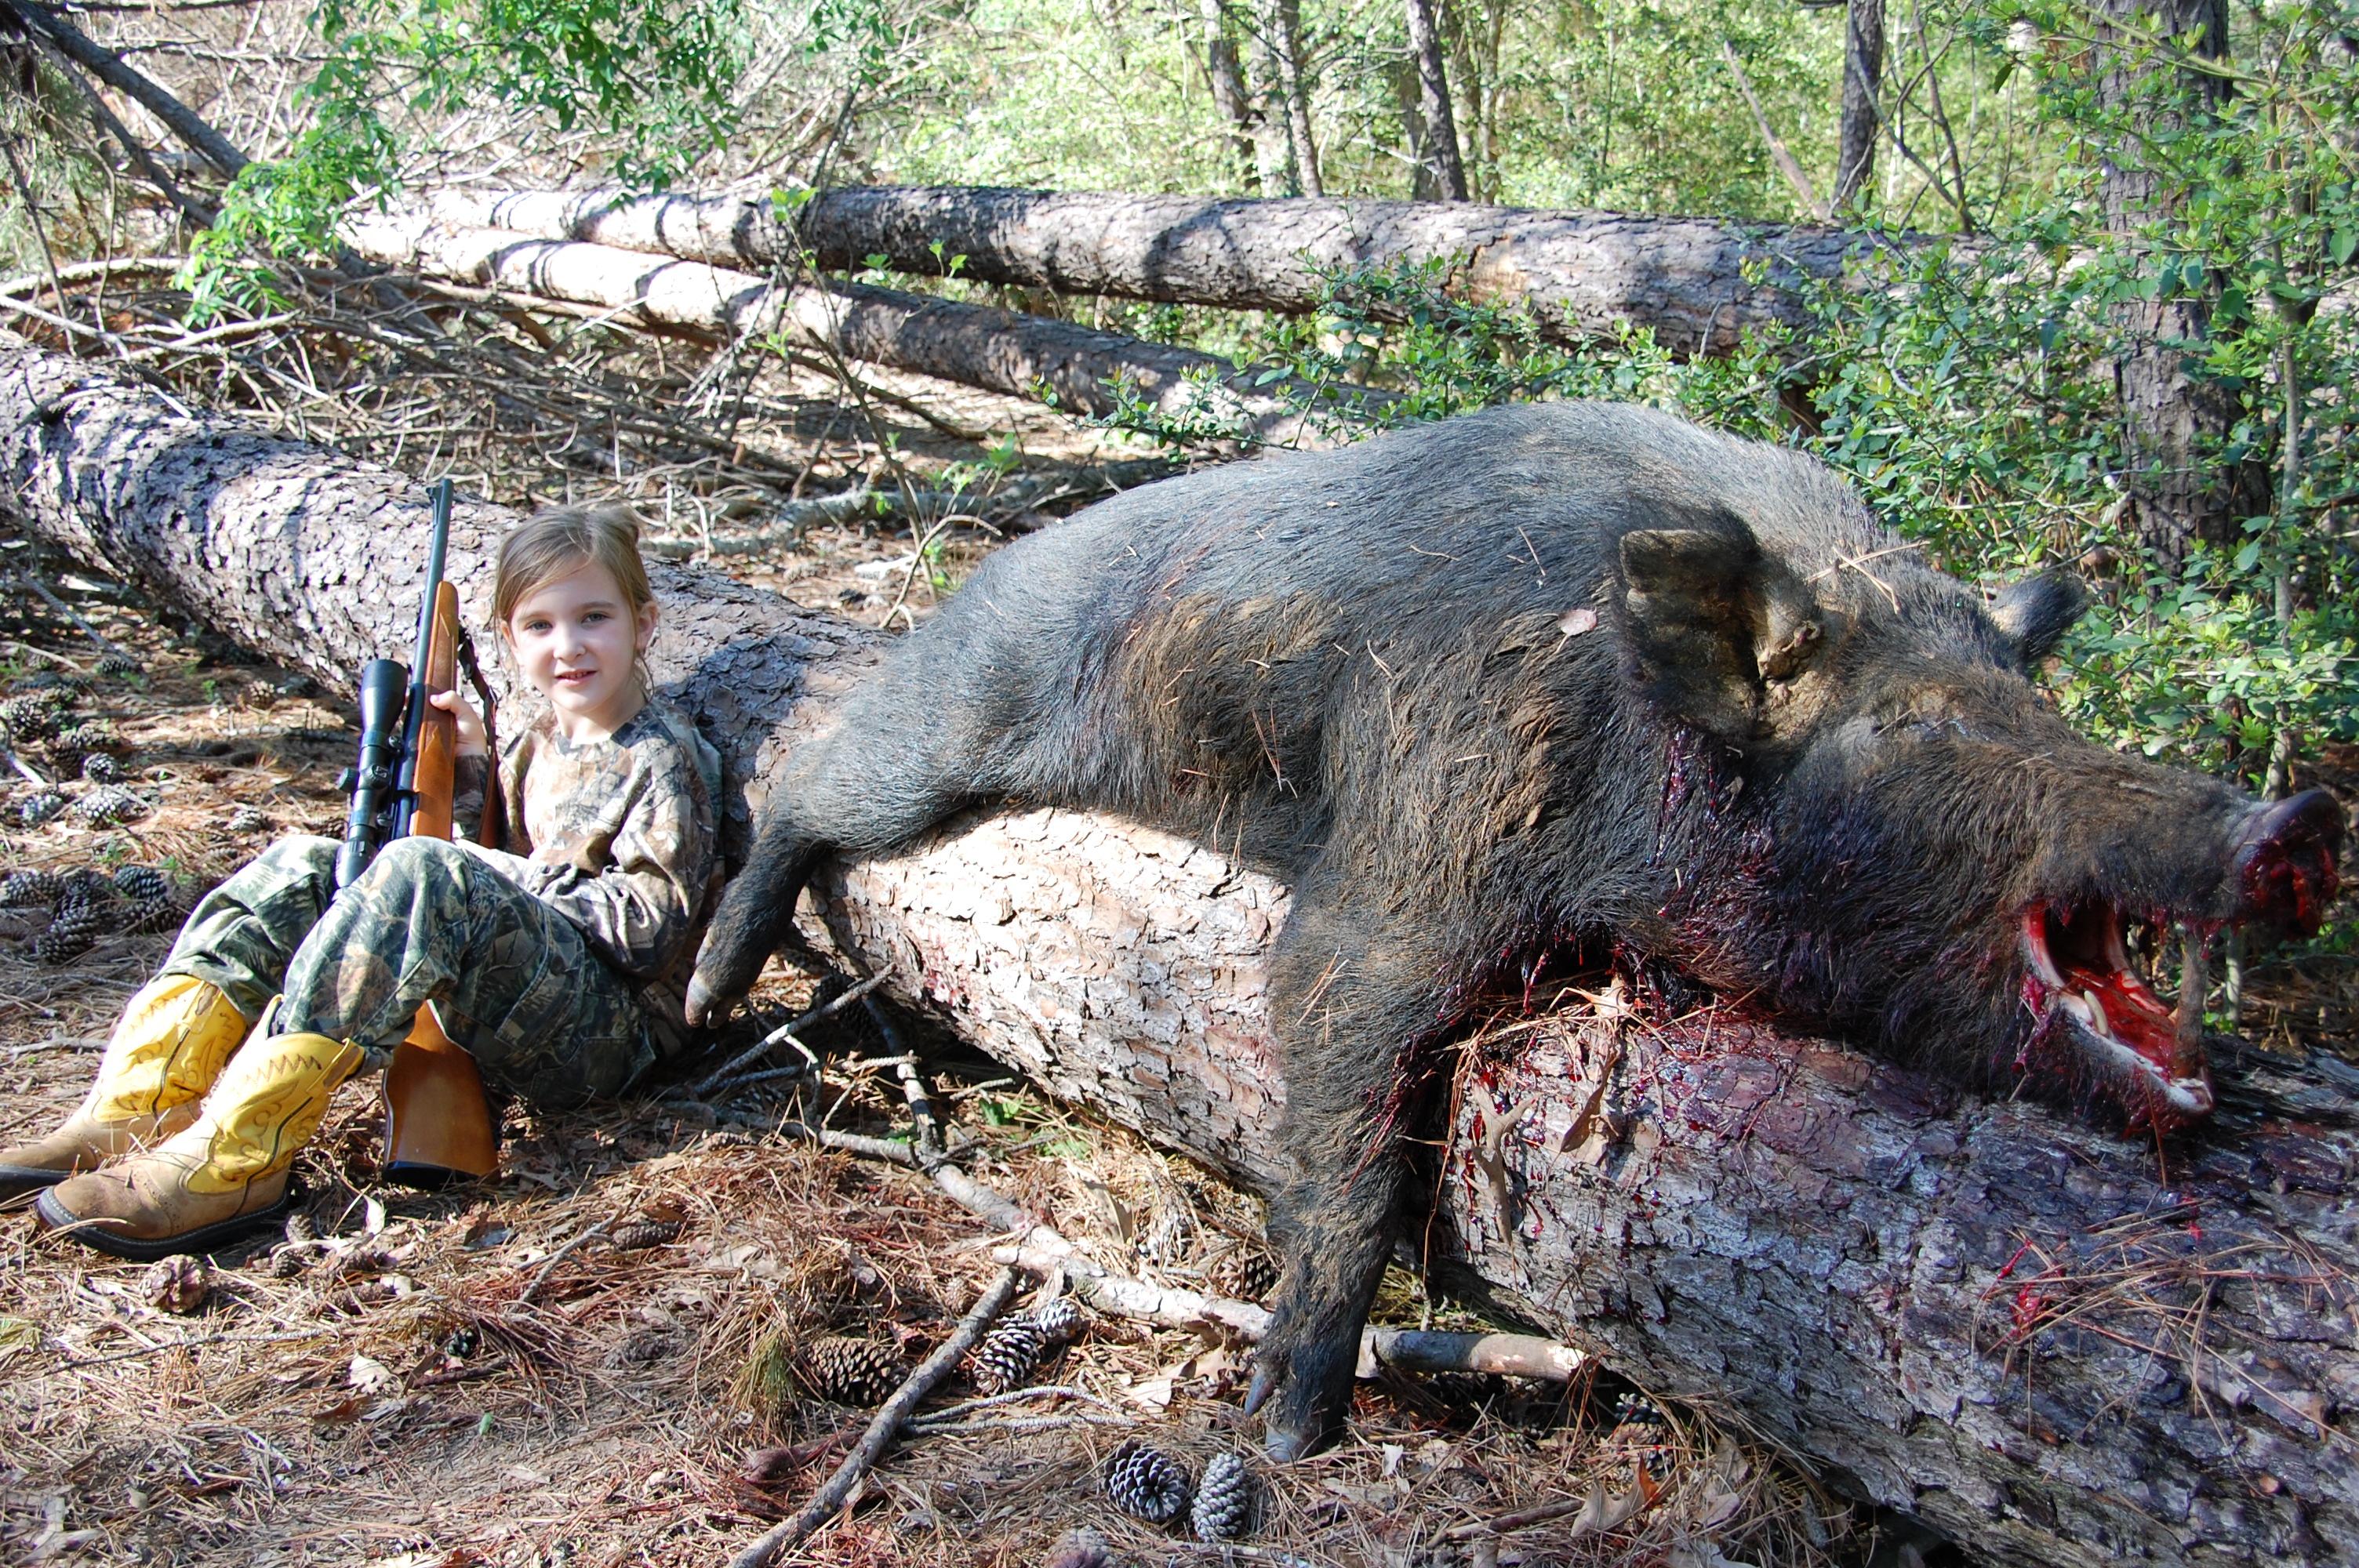 Hog hunting in dallas texas